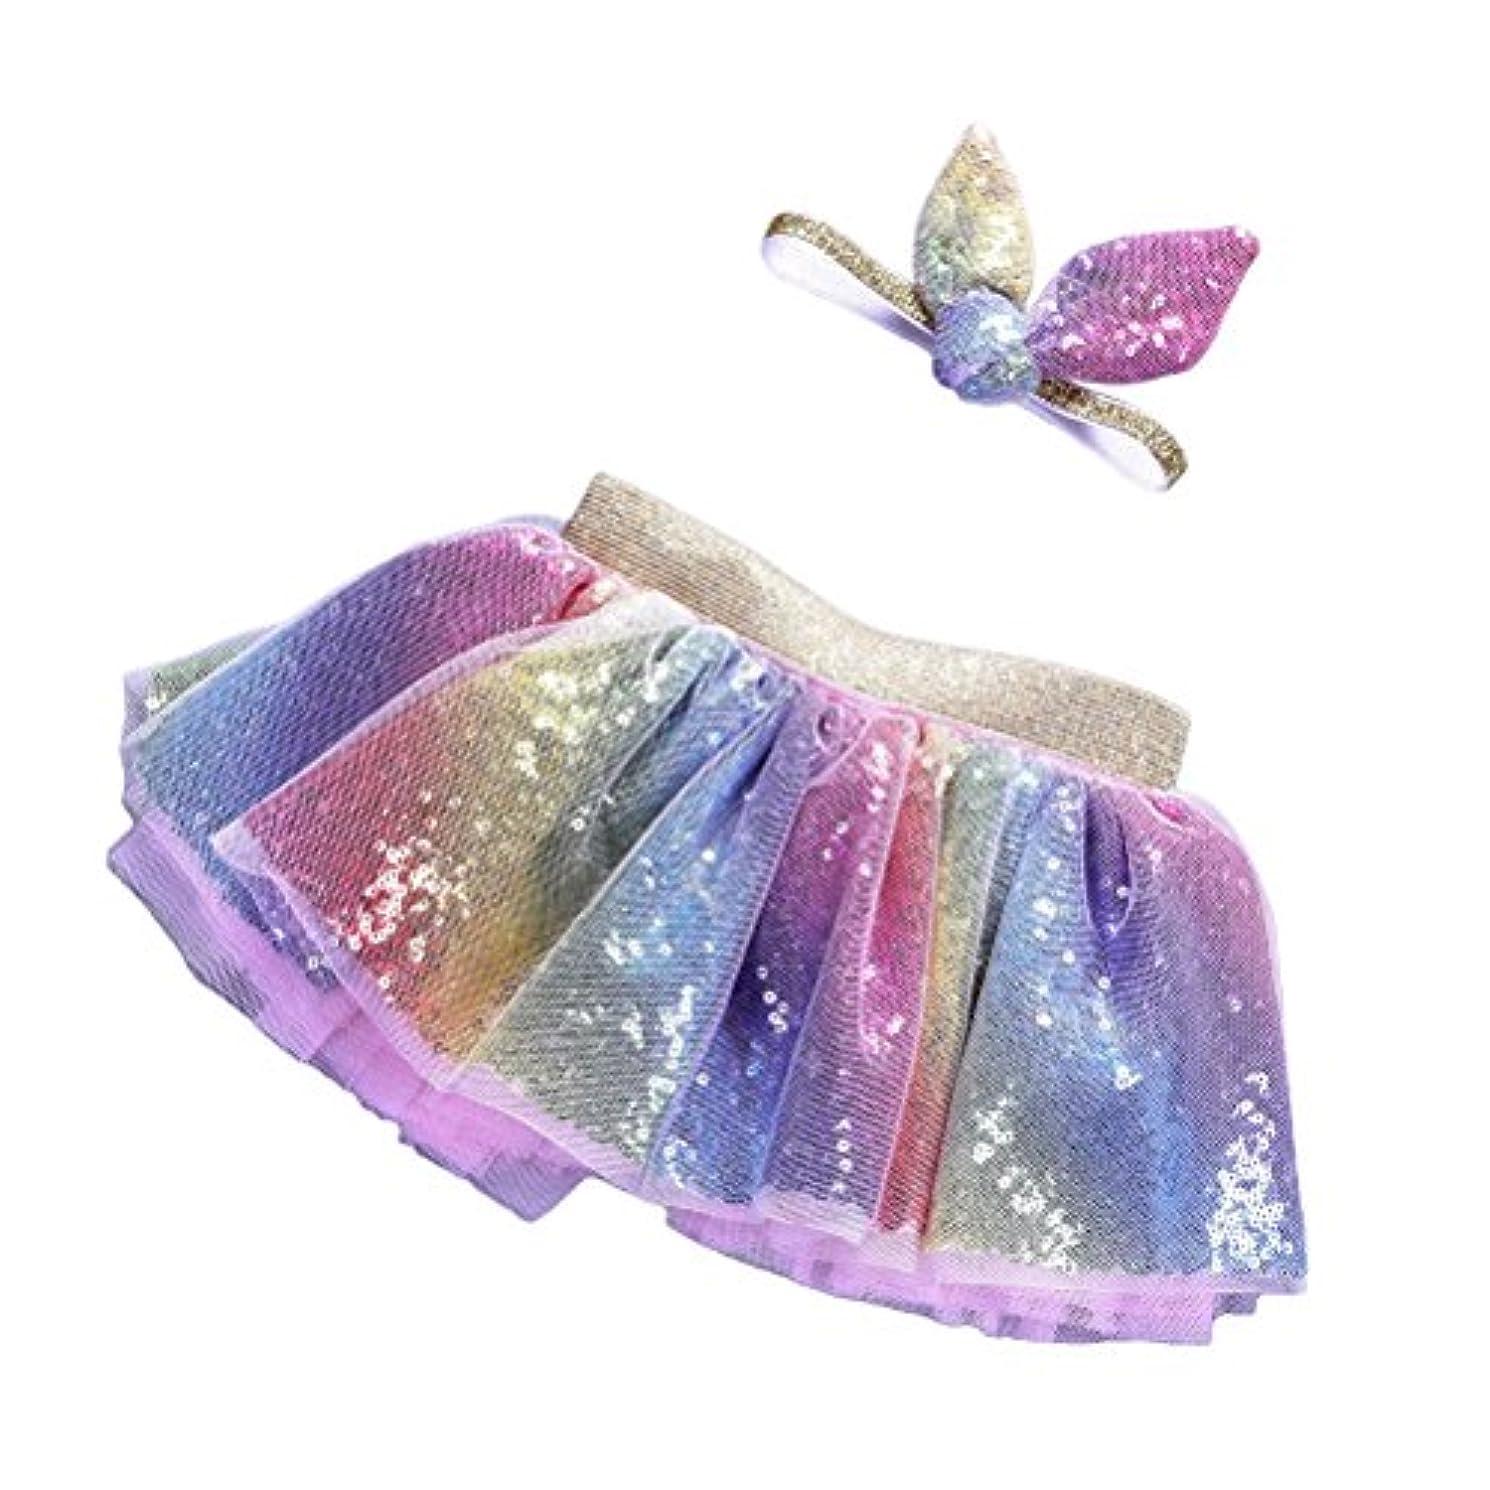 三角形デコラティブビジョンLUOEM 2PCSレインボーツツスカート(ヘッドバンドプリンセスガール付き)Tutu OutfitベビーガールズBirthday Outfit Set S(0-2歳)